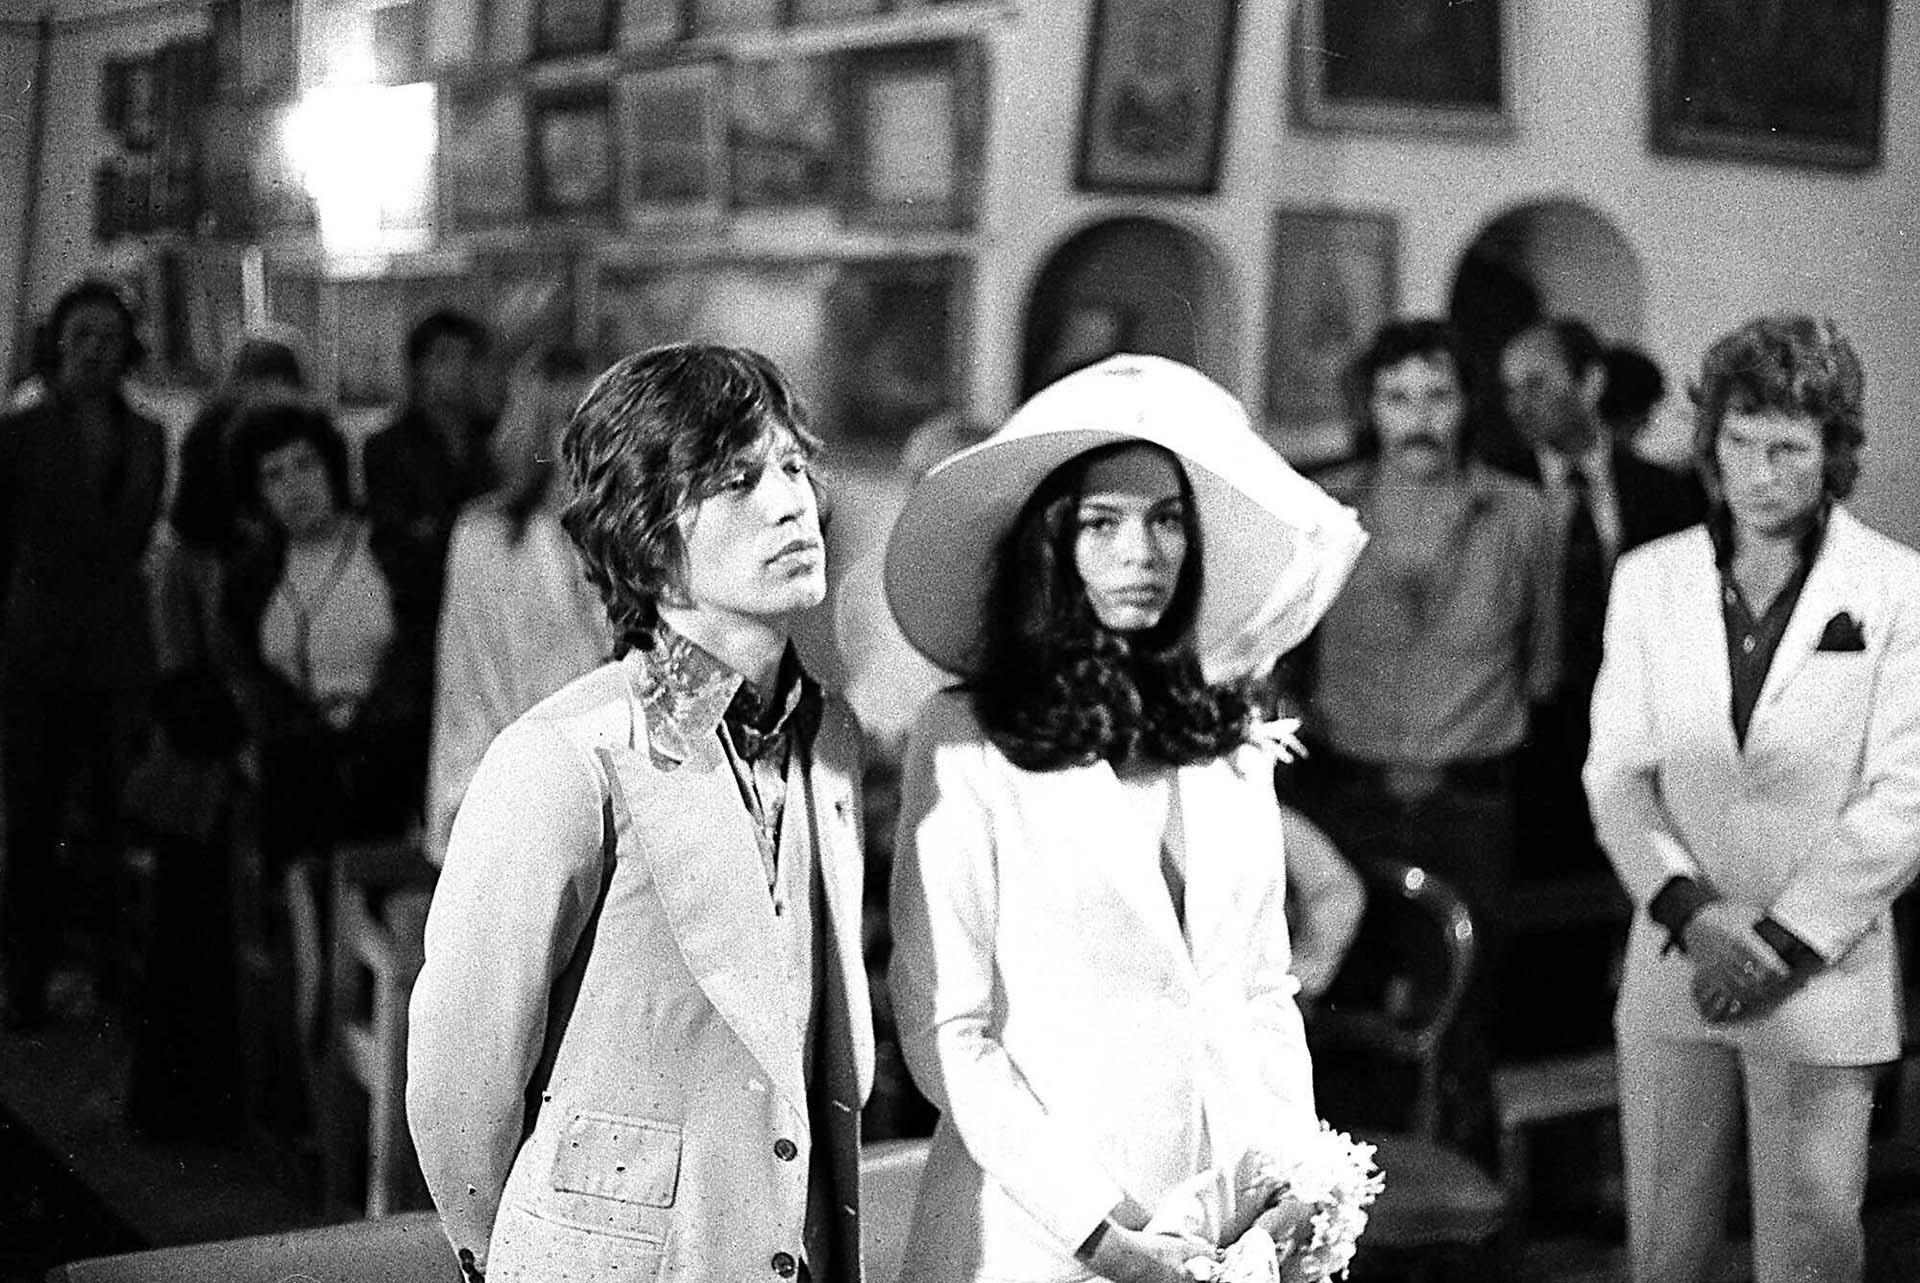 El 12 de mayo de 1971, e líder de los Rolling Stones y su novia, Bianca Pérez Morena de Macías, celebraron su bodaen la capilla Sainte-Anne en Saint Tropez, Francia